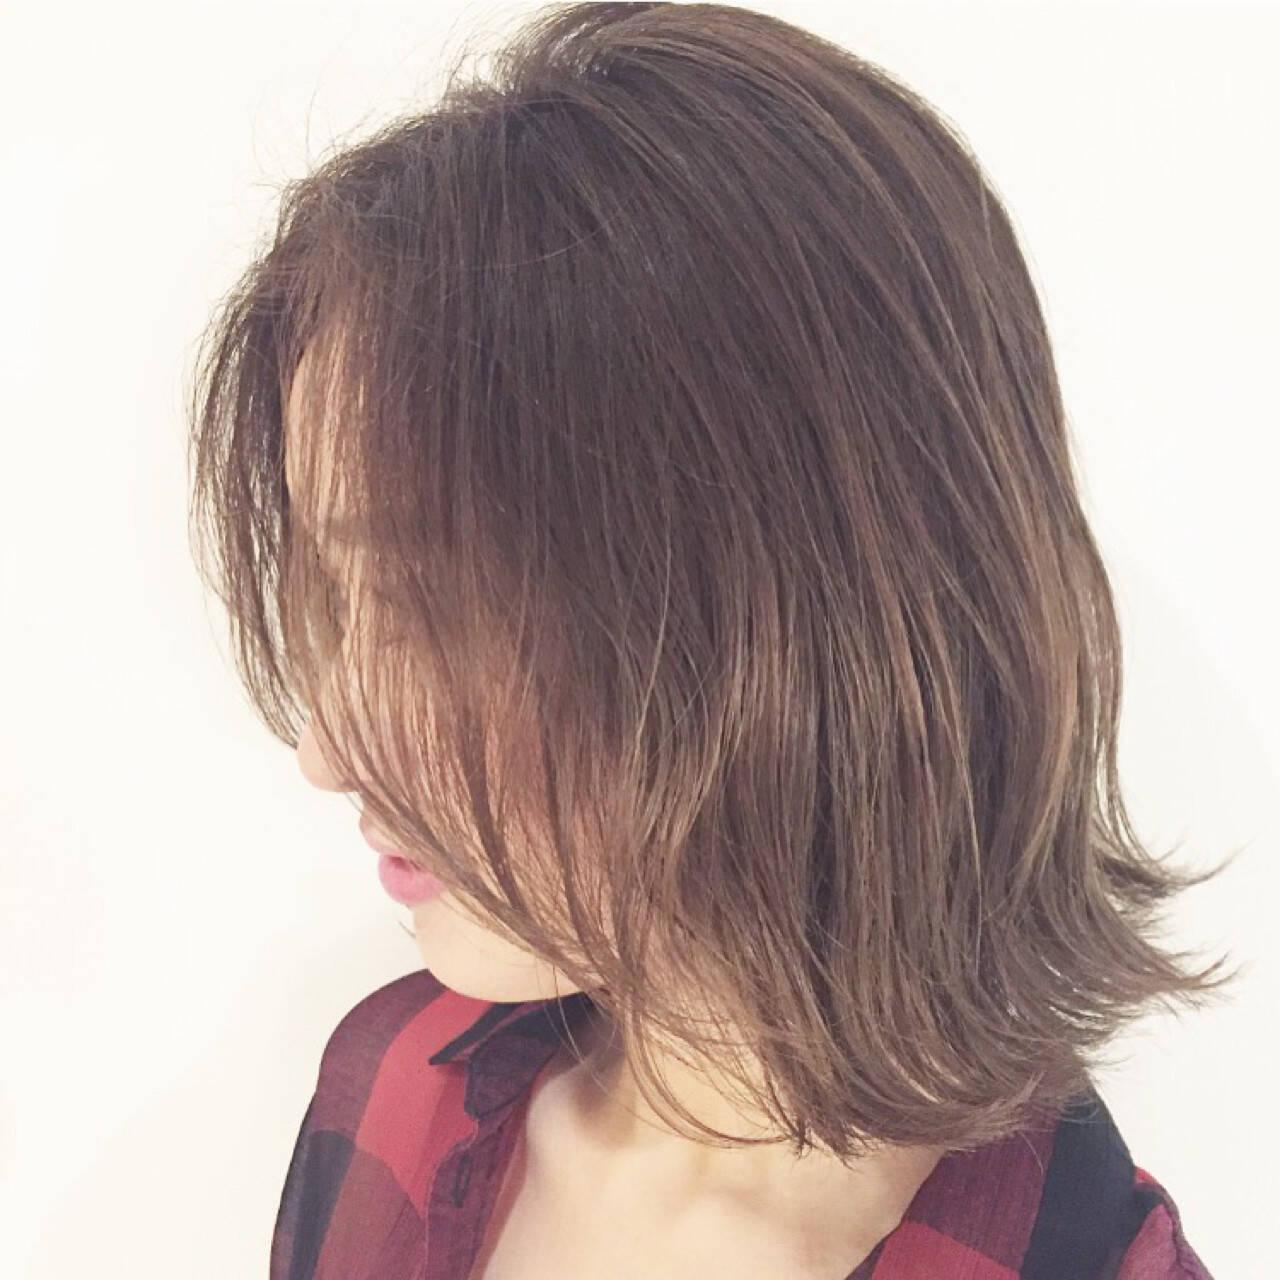 外国人風 前髪あり 夏 アッシュヘアスタイルや髪型の写真・画像